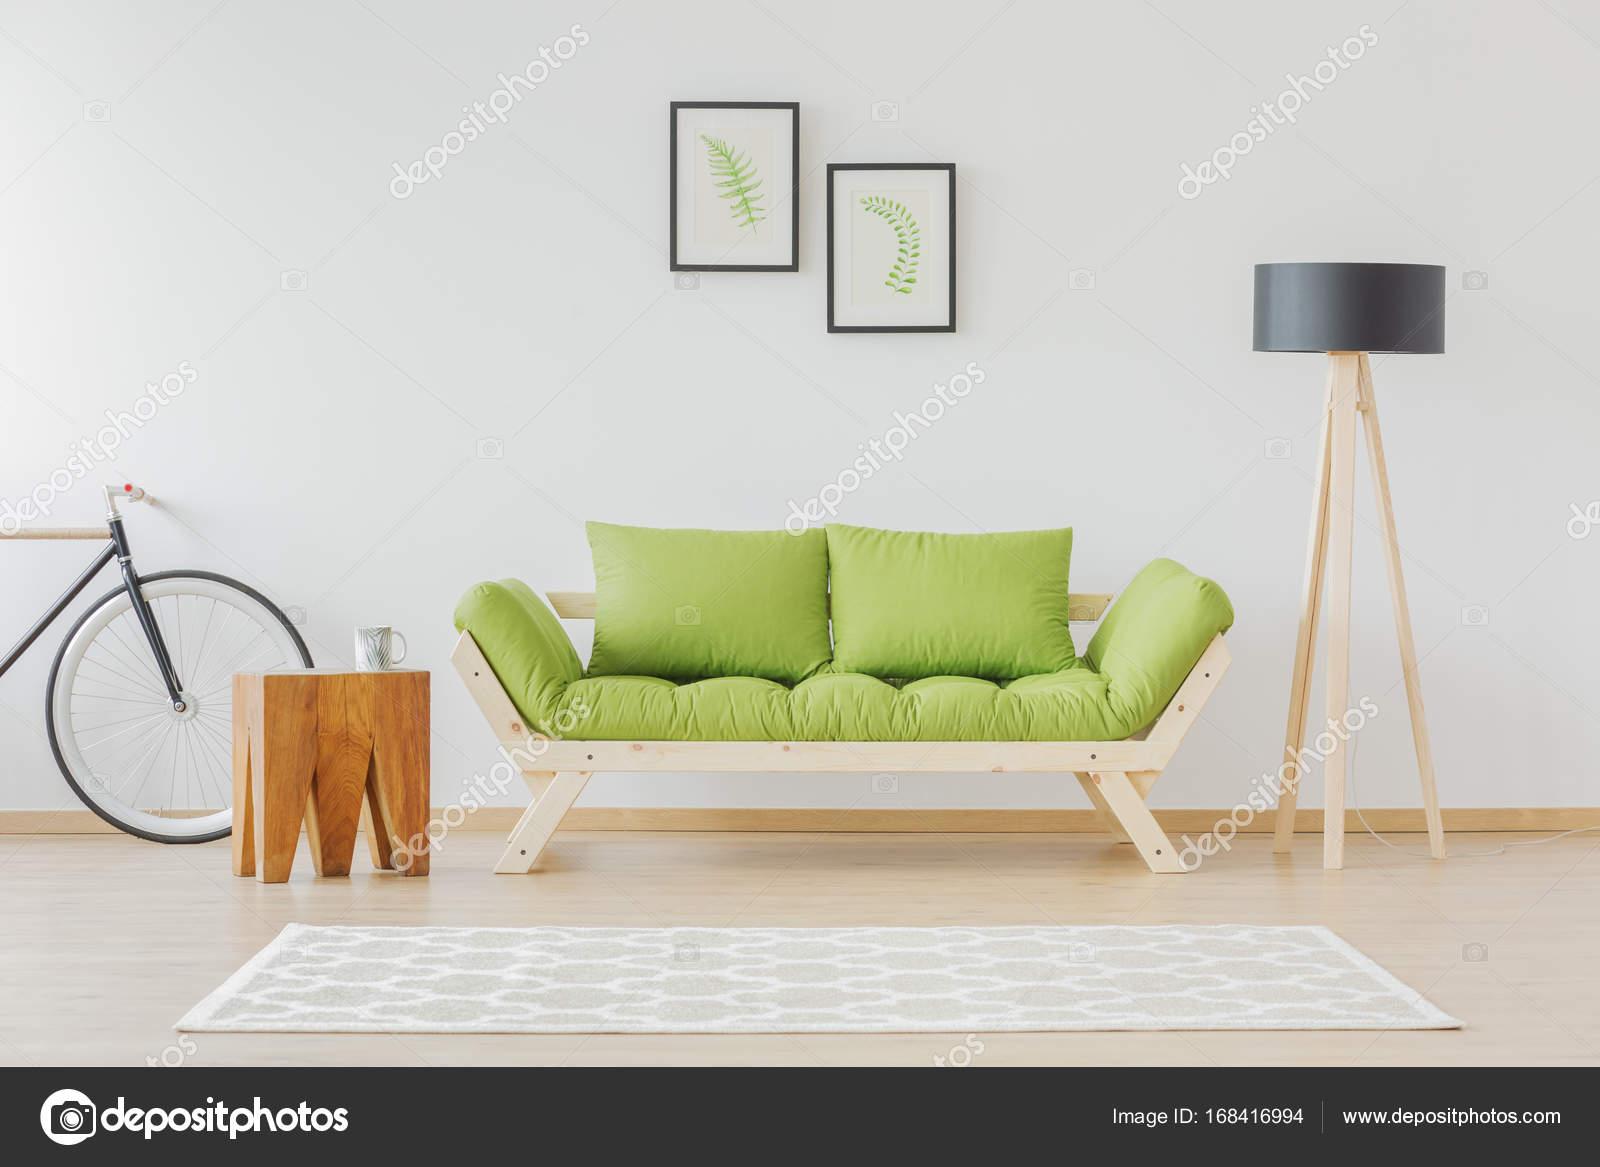 Sala minimalista y natural estudiante — Fotos de Stock ...